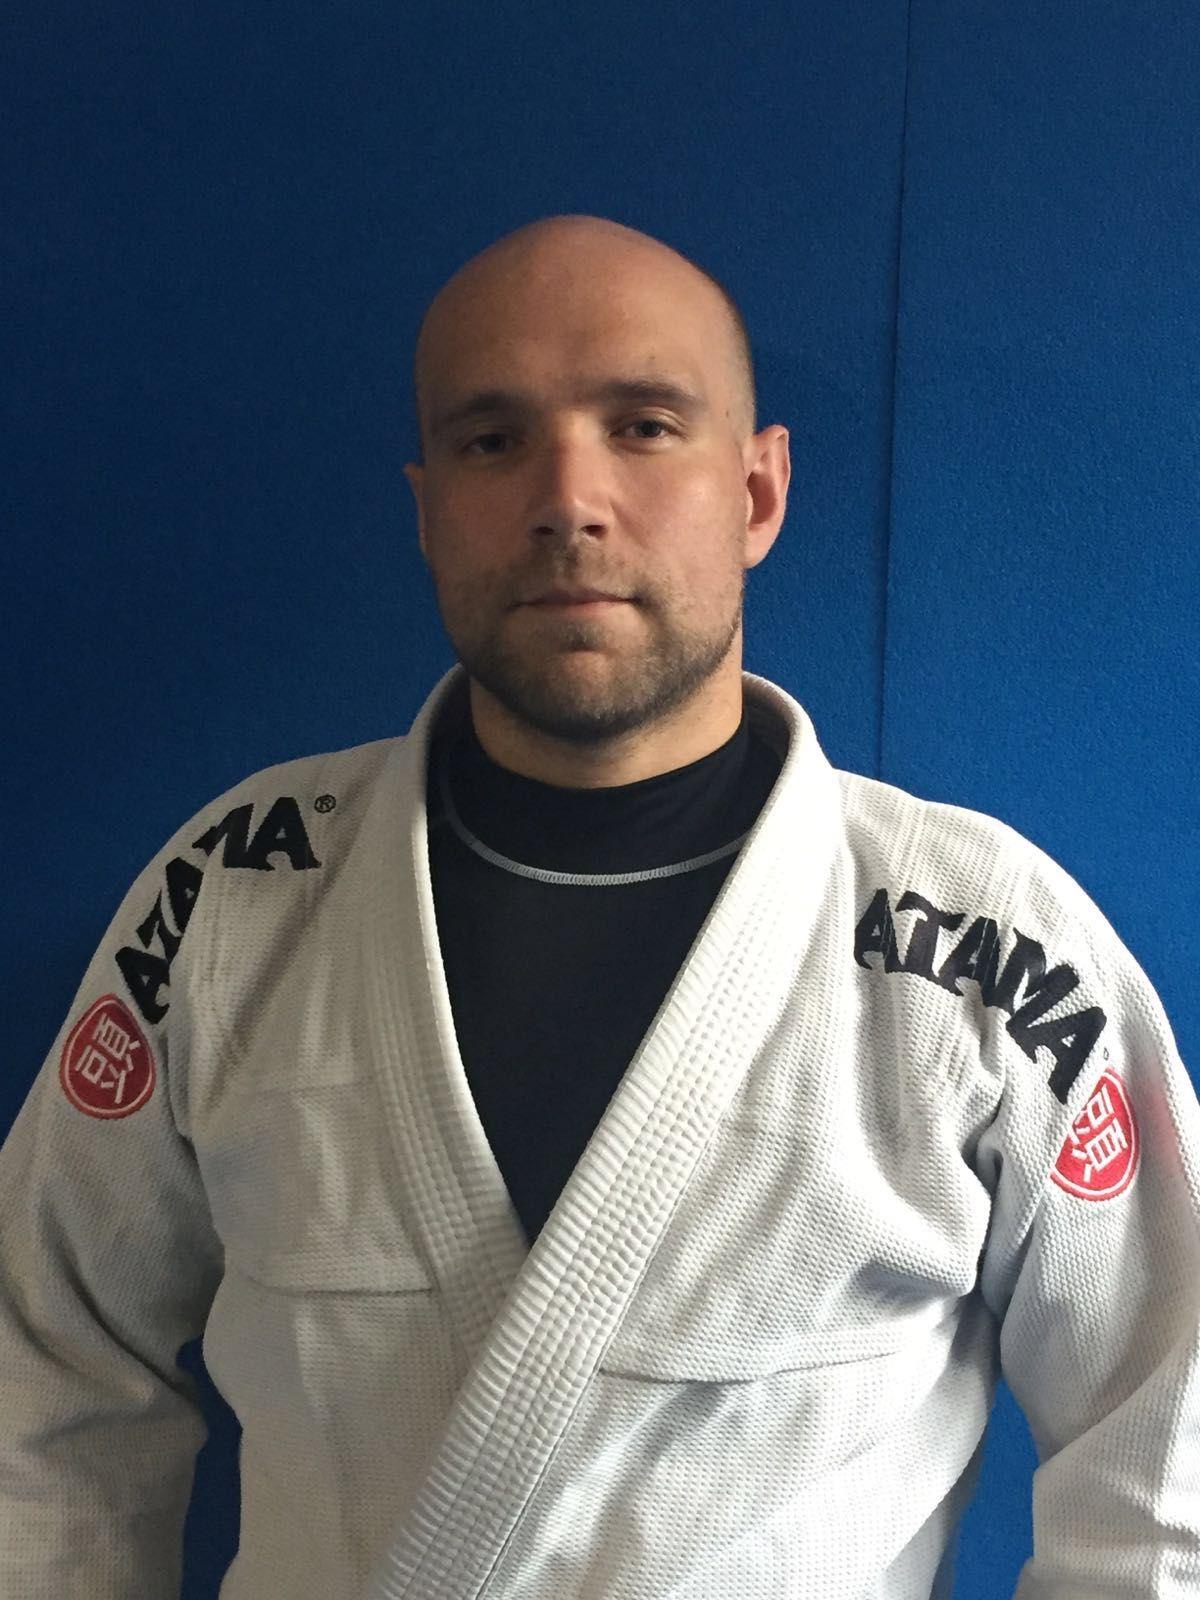 Markus Plieninger